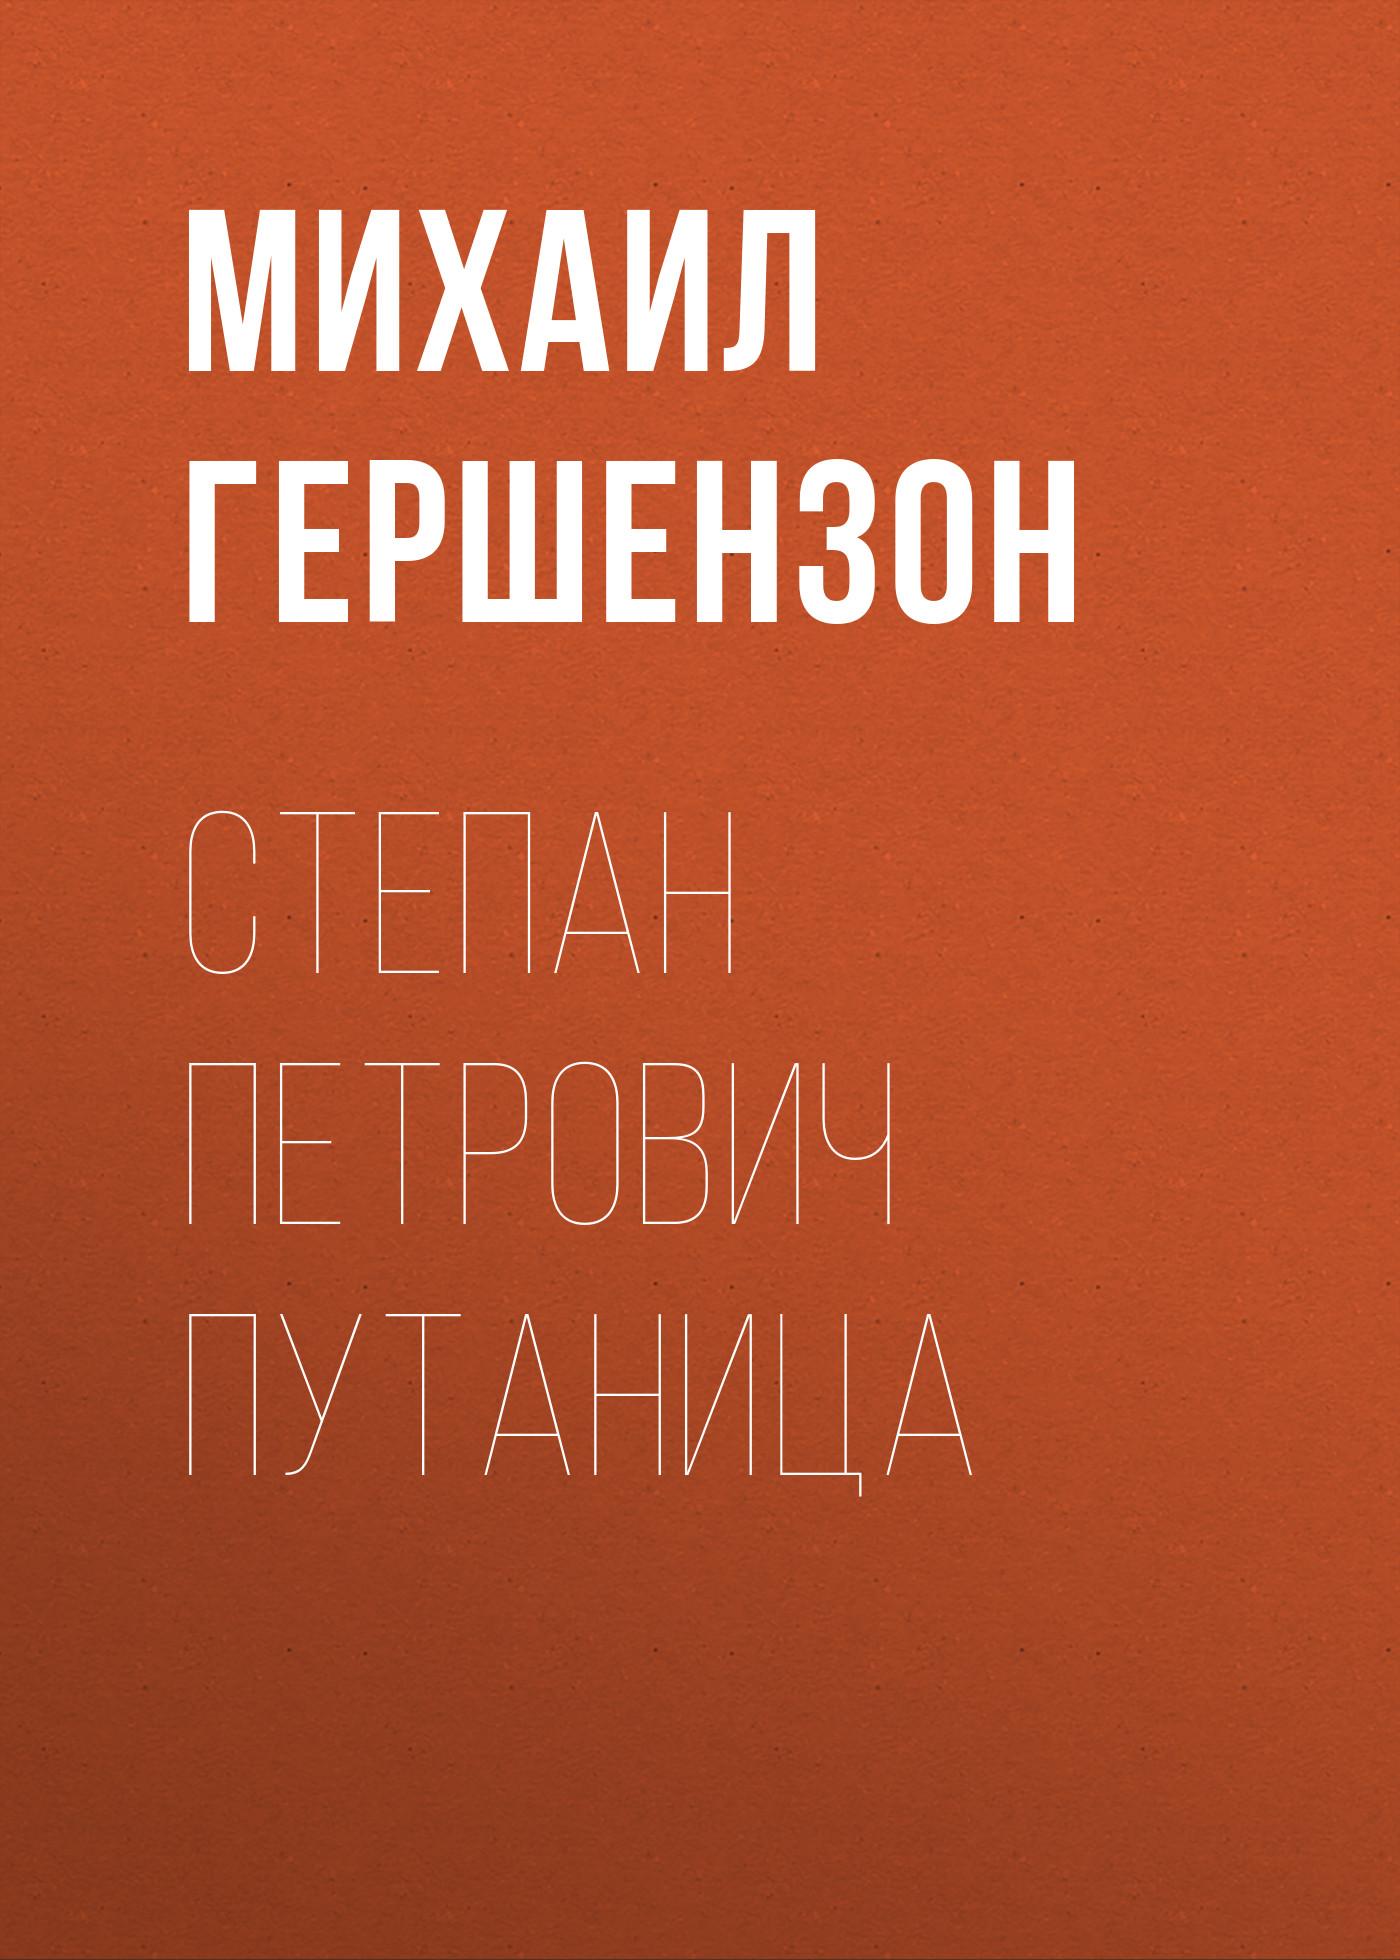 Михаил Гершензон Степан Петрович Путаница степан писахов архангельские сказки